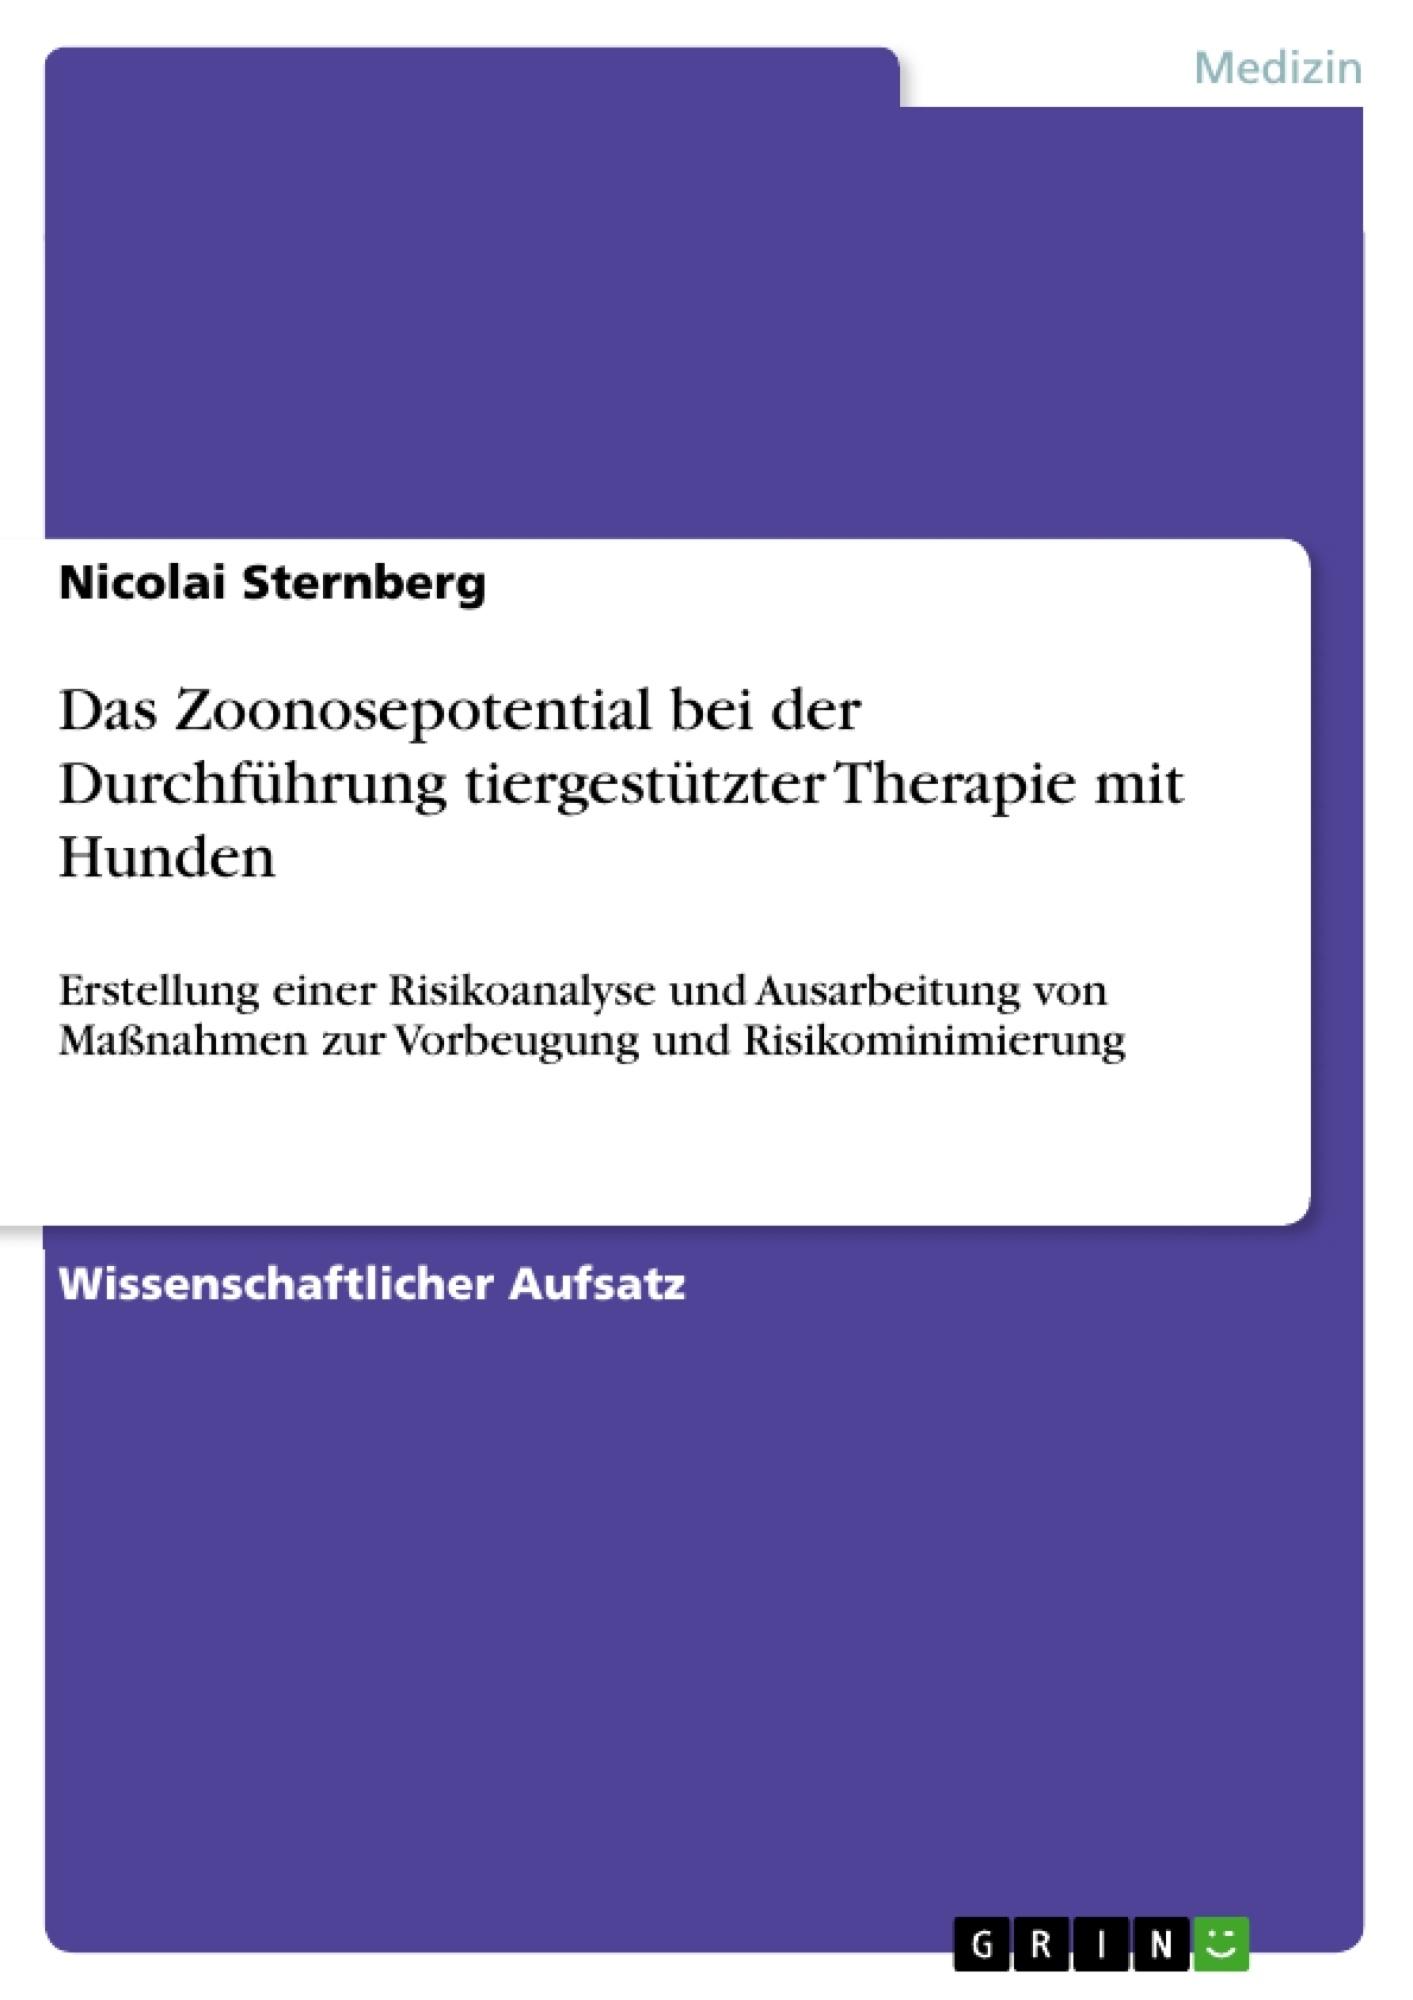 Titel: Das Zoonosepotential bei der Durchführung tiergestützter Therapie mit Hunden